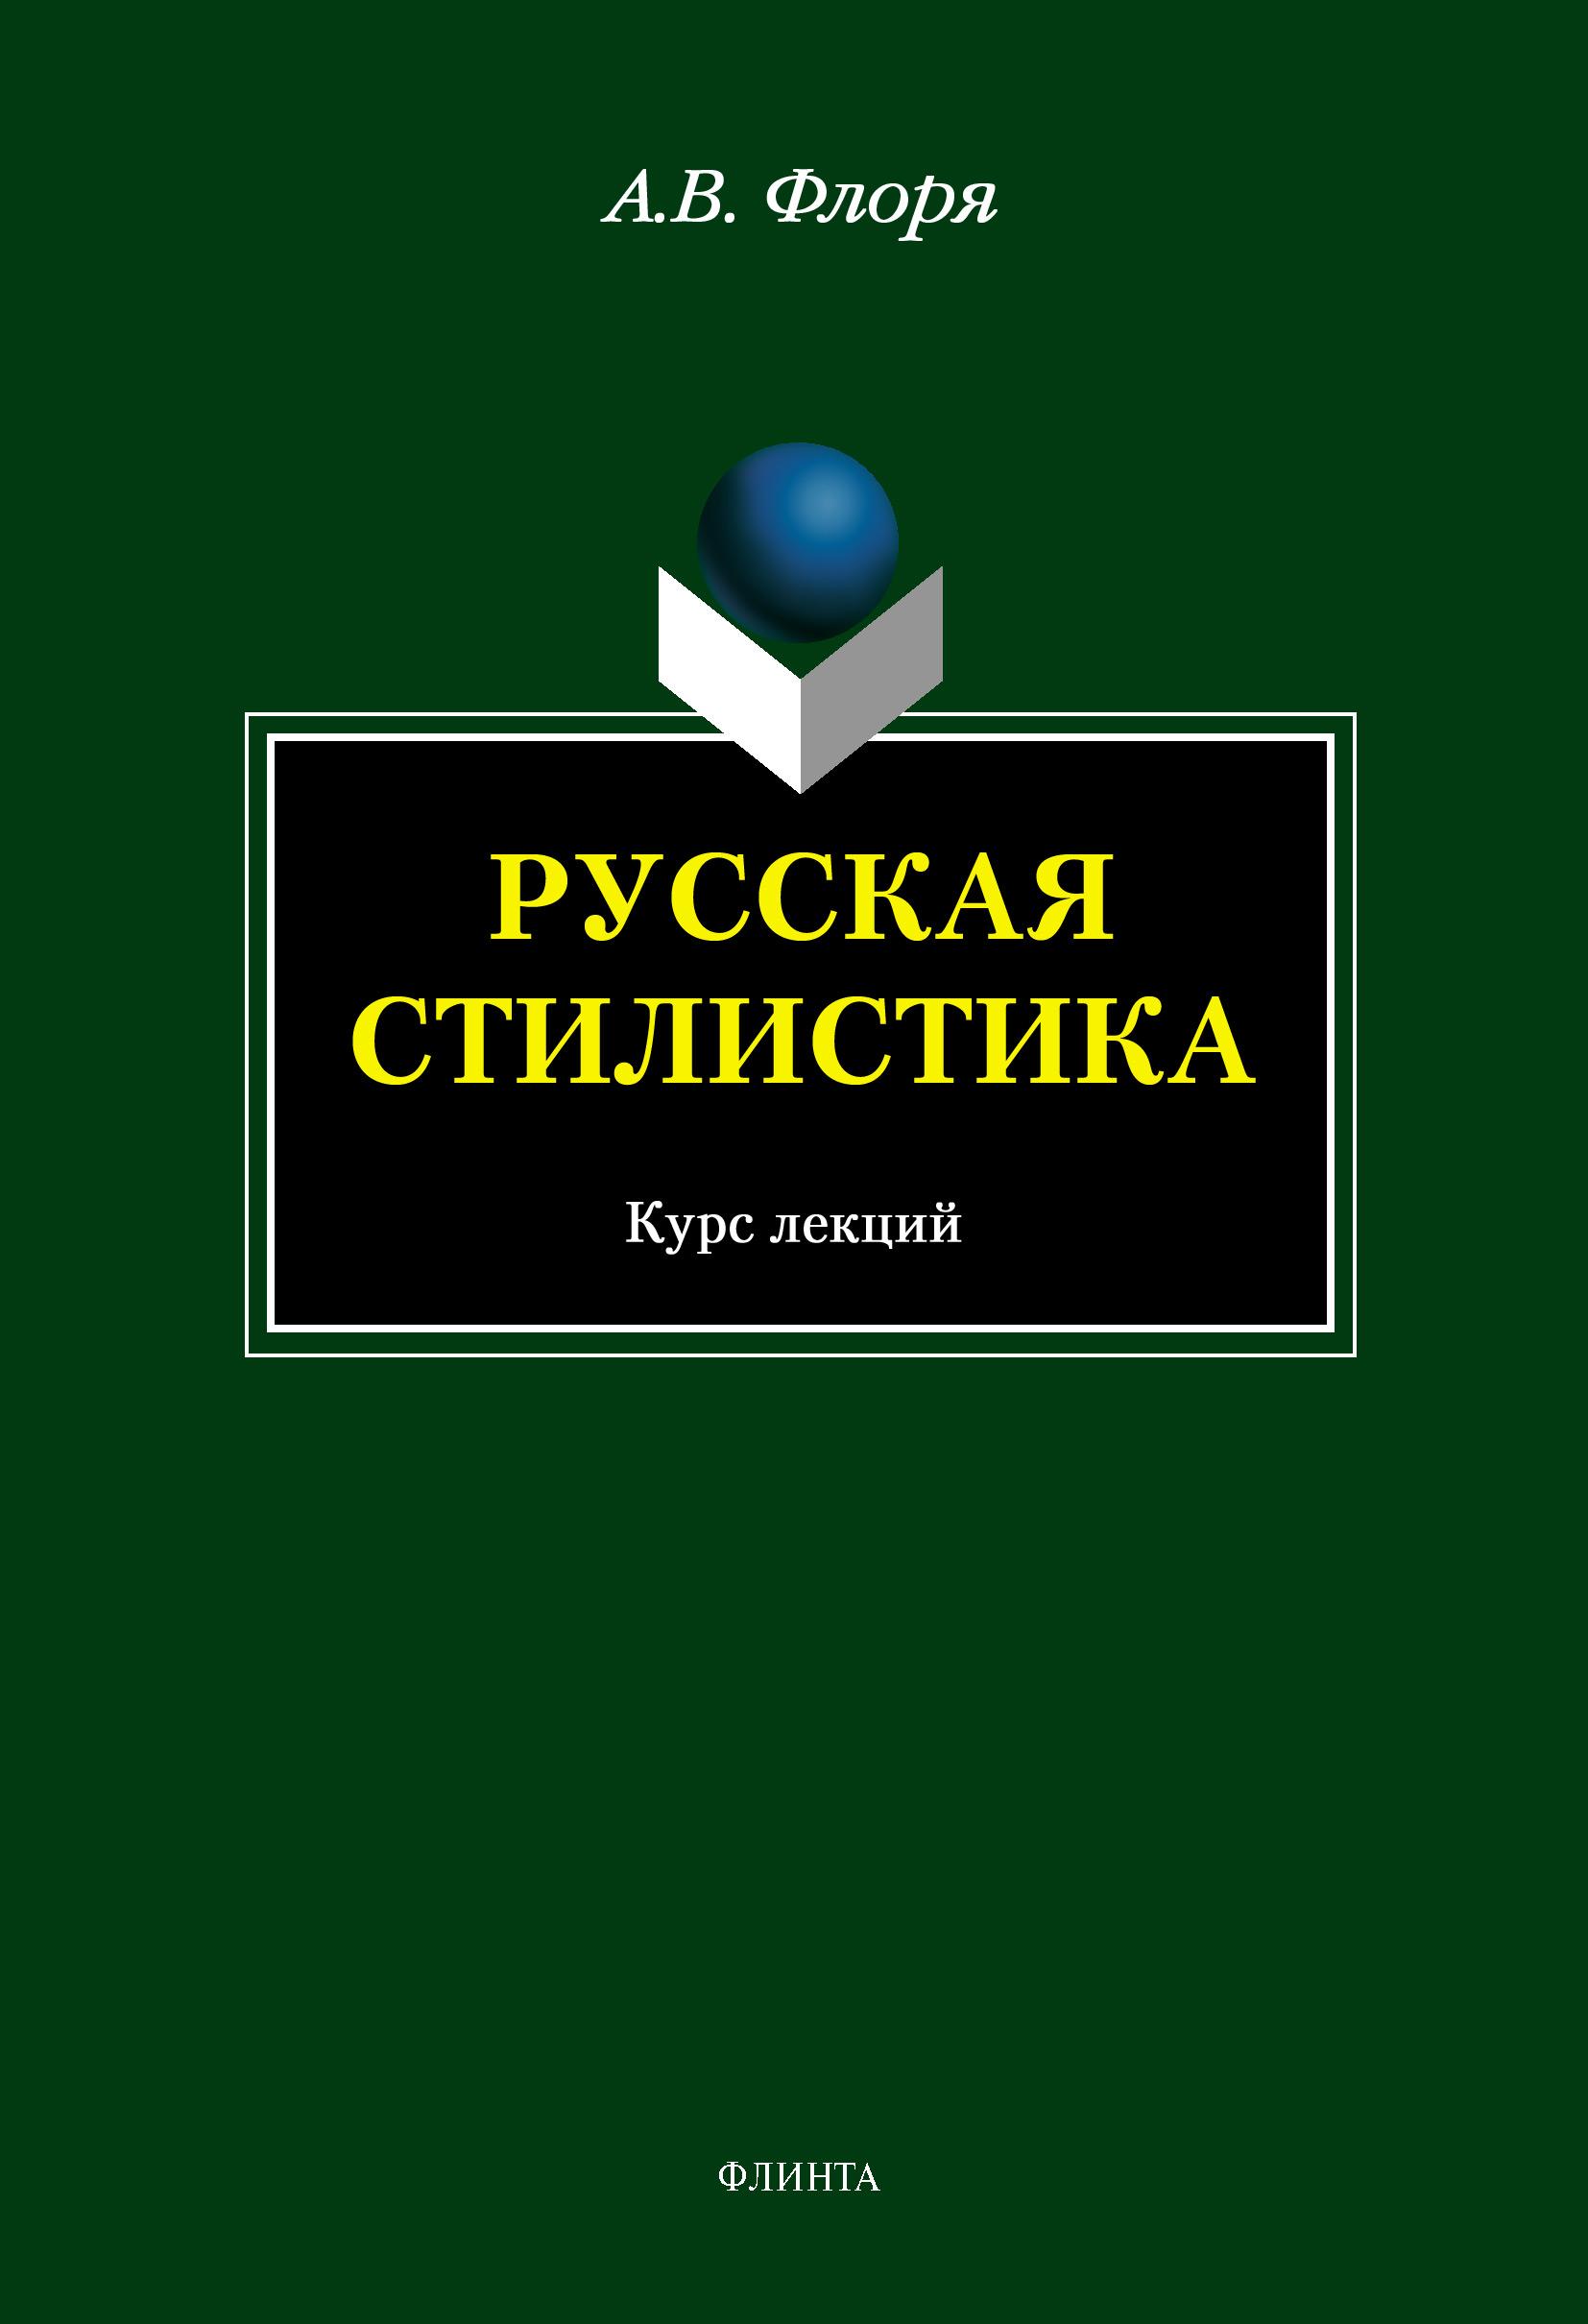 Русская стилистика